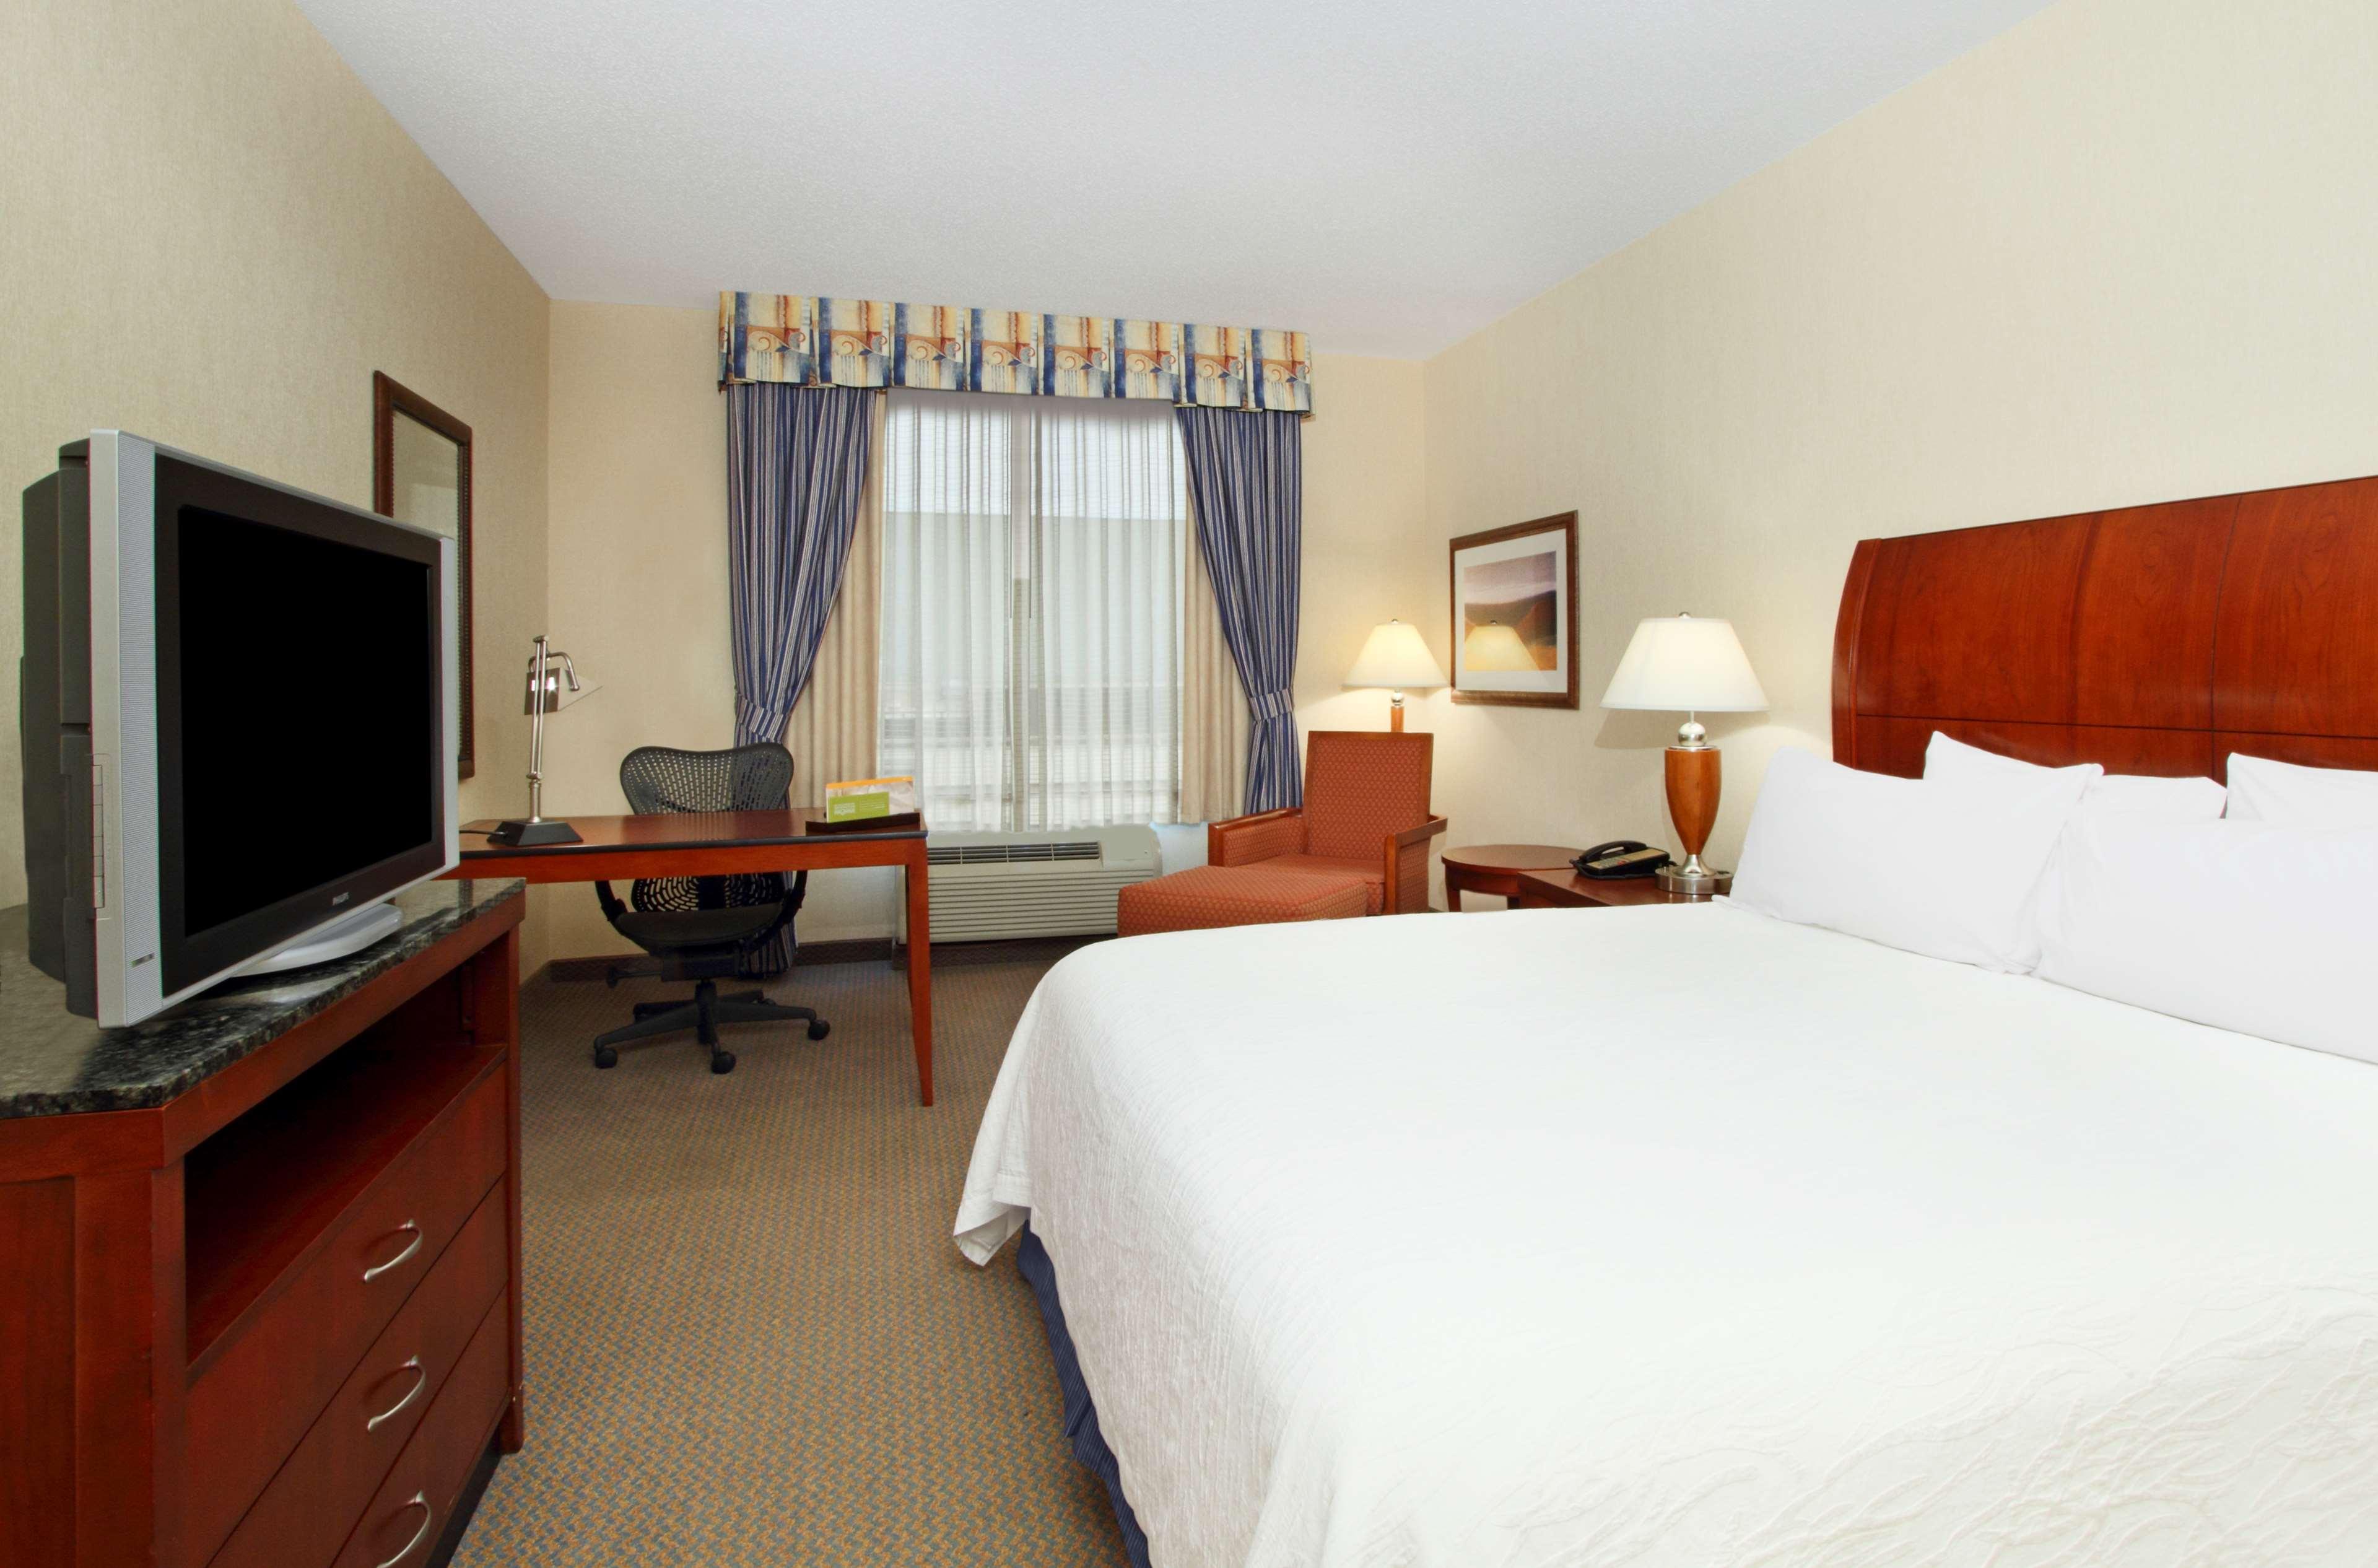 Hilton Garden Inn Columbus-University Area image 17